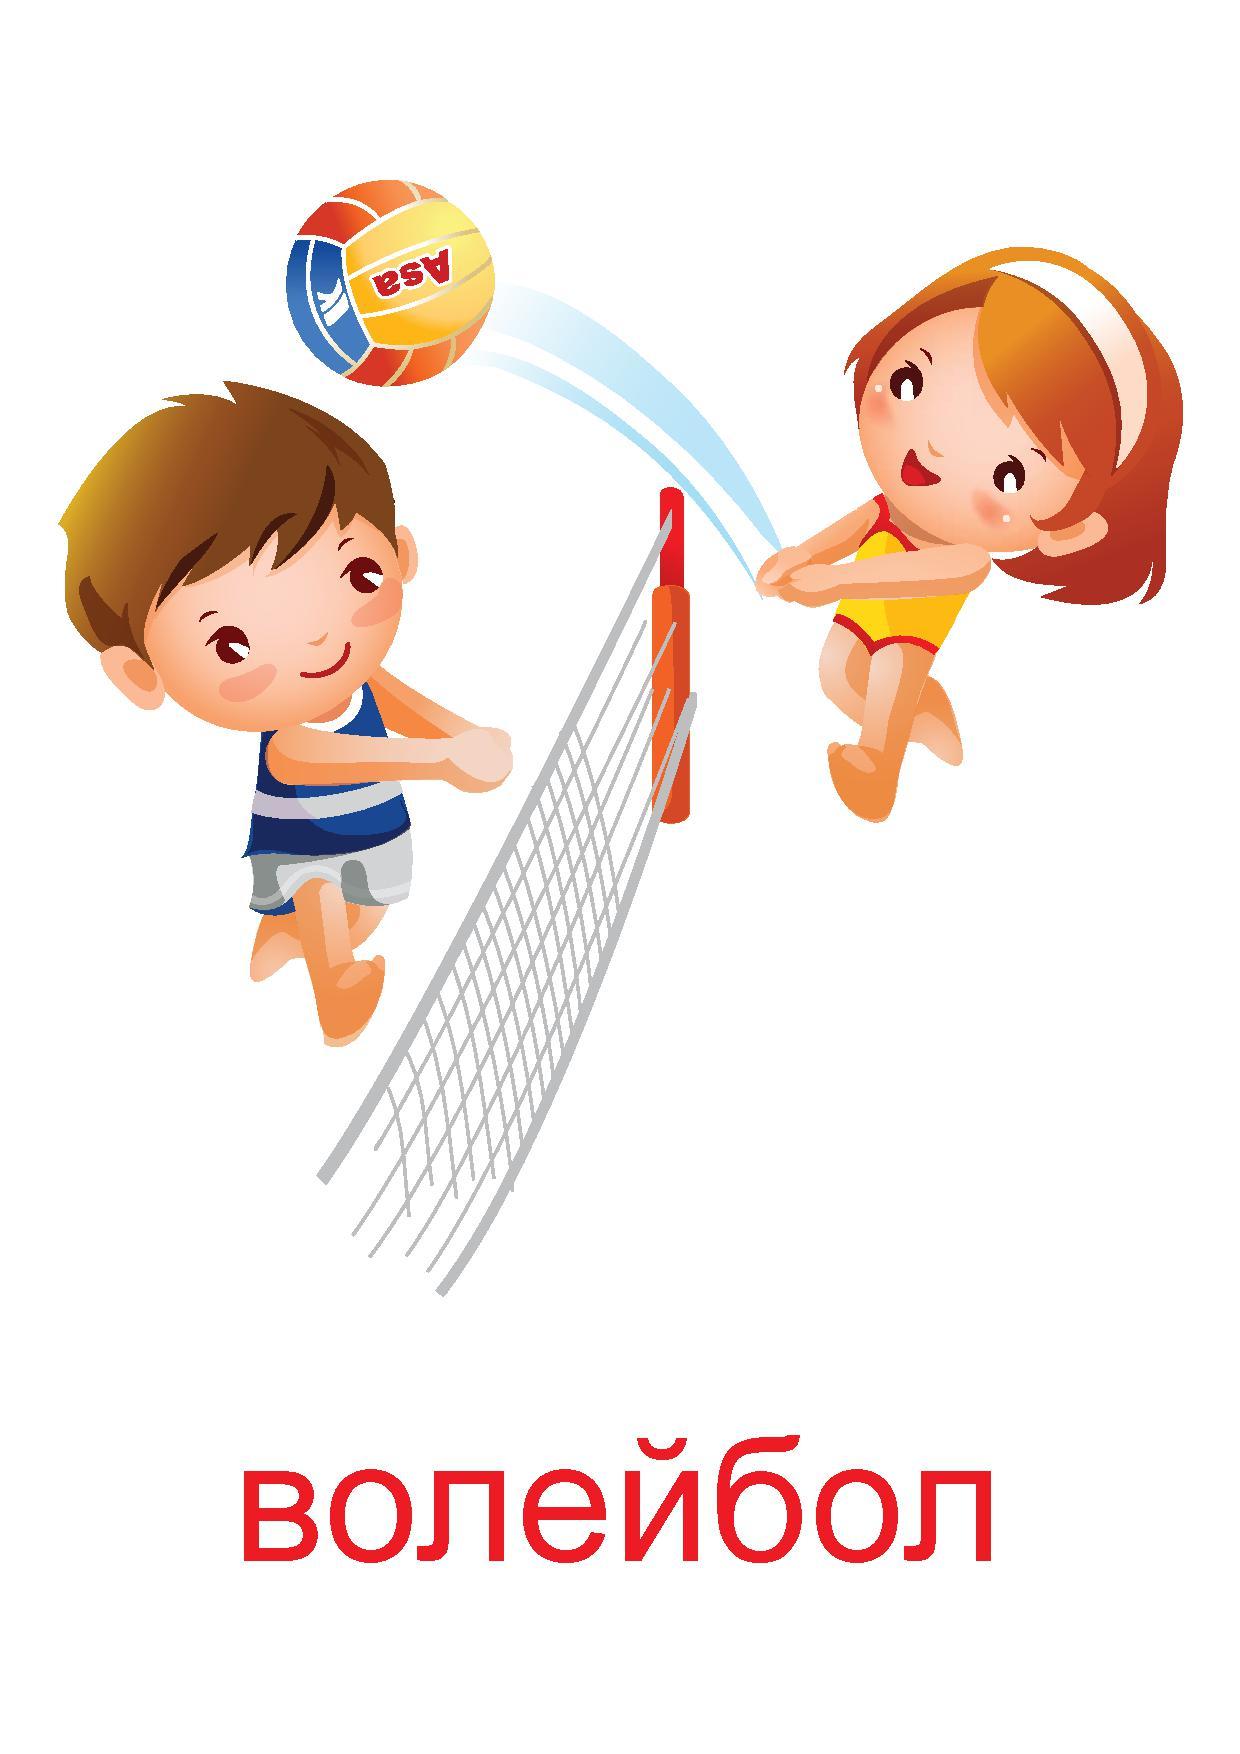 Спортивные игры для детей: польза, влияние, по возрастам